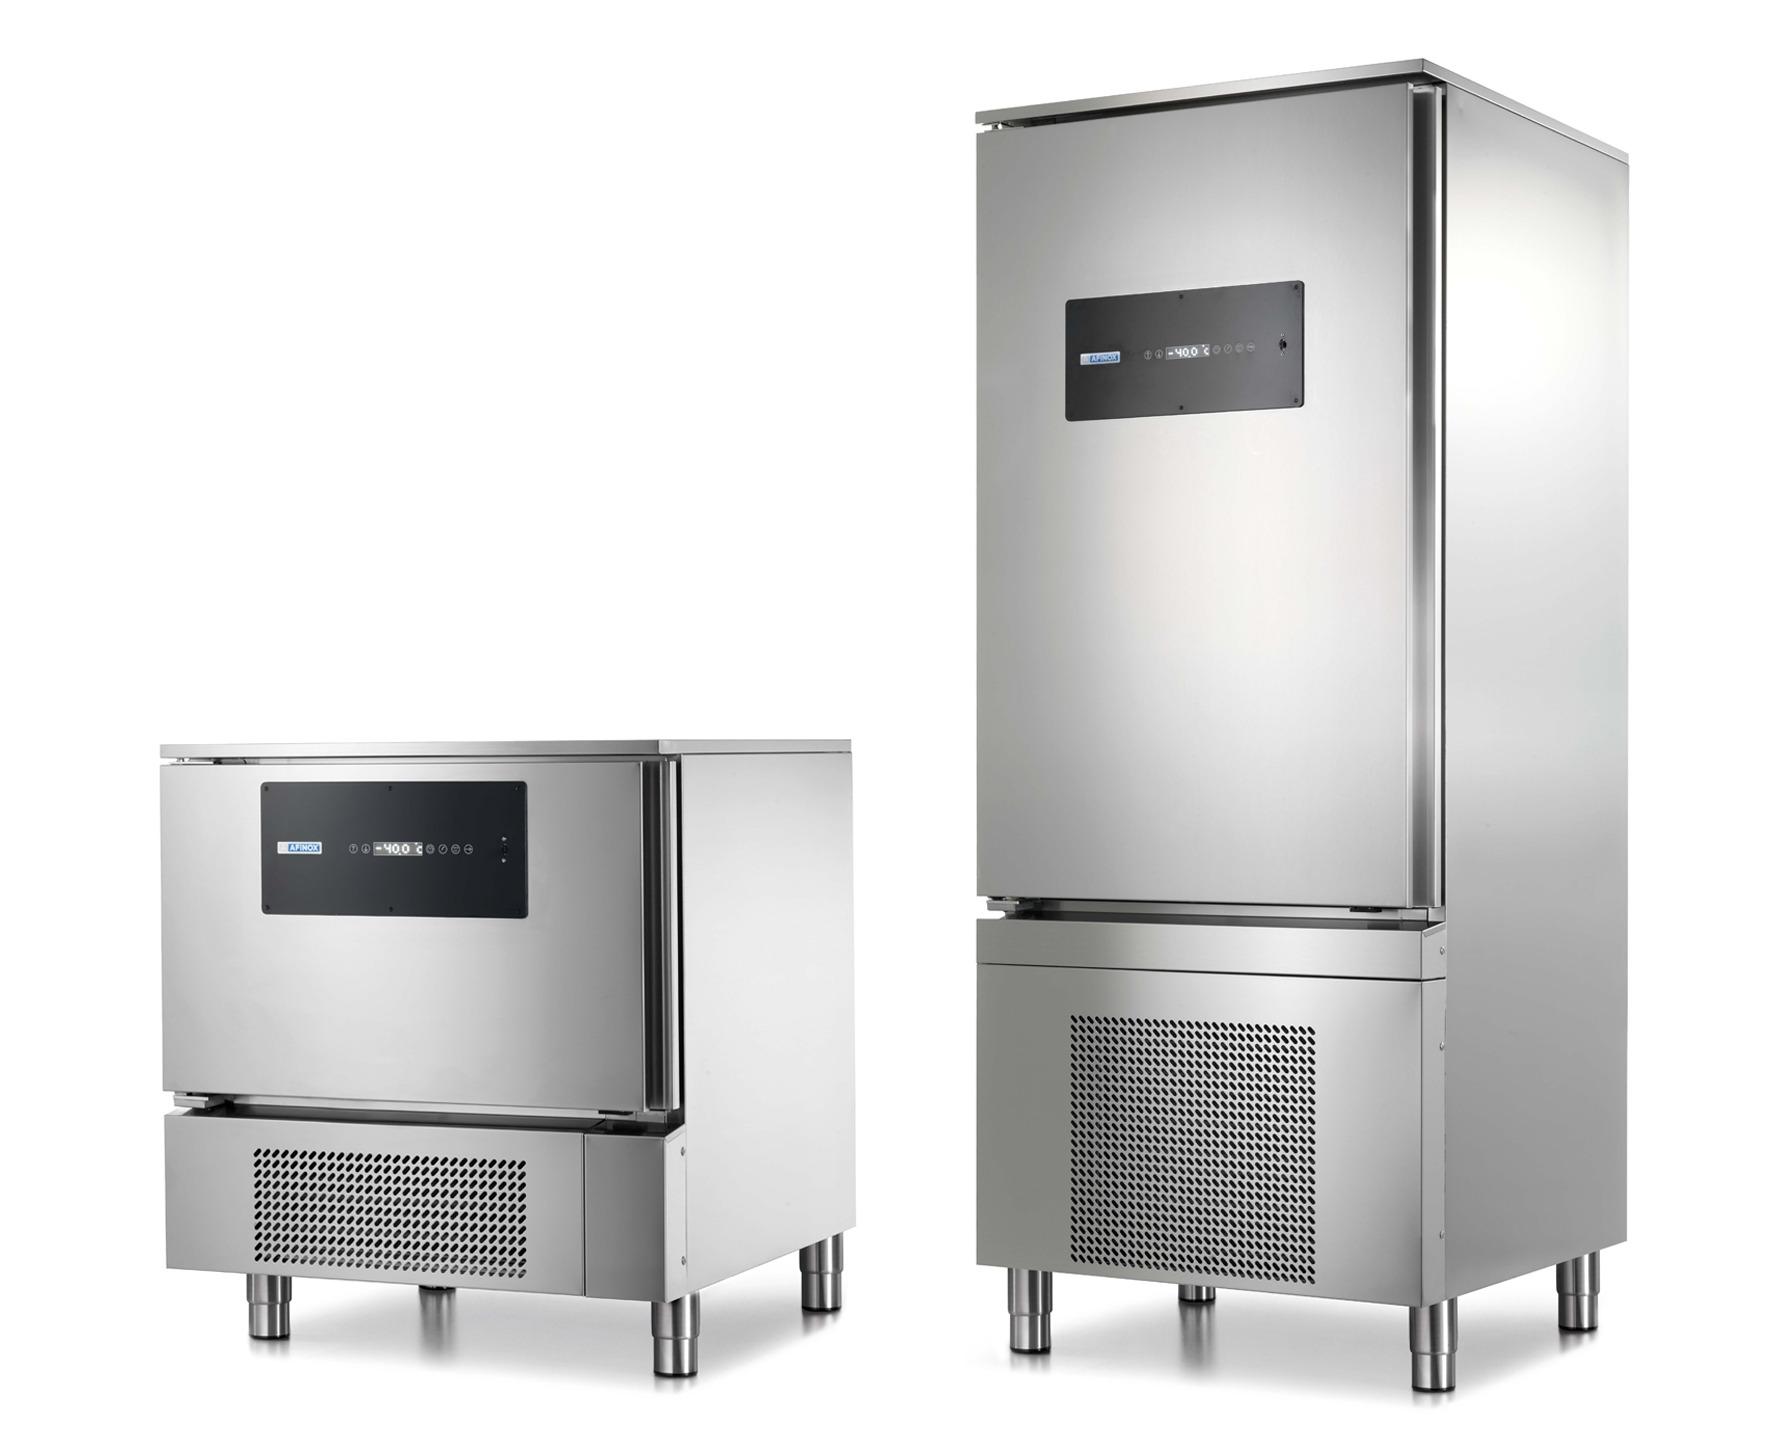 abbattitori e surgelatori rapidi di temperatura, blast chillers and shock freezers, Schnellabkühler und schockfroster, cellules de refroidissement rapide